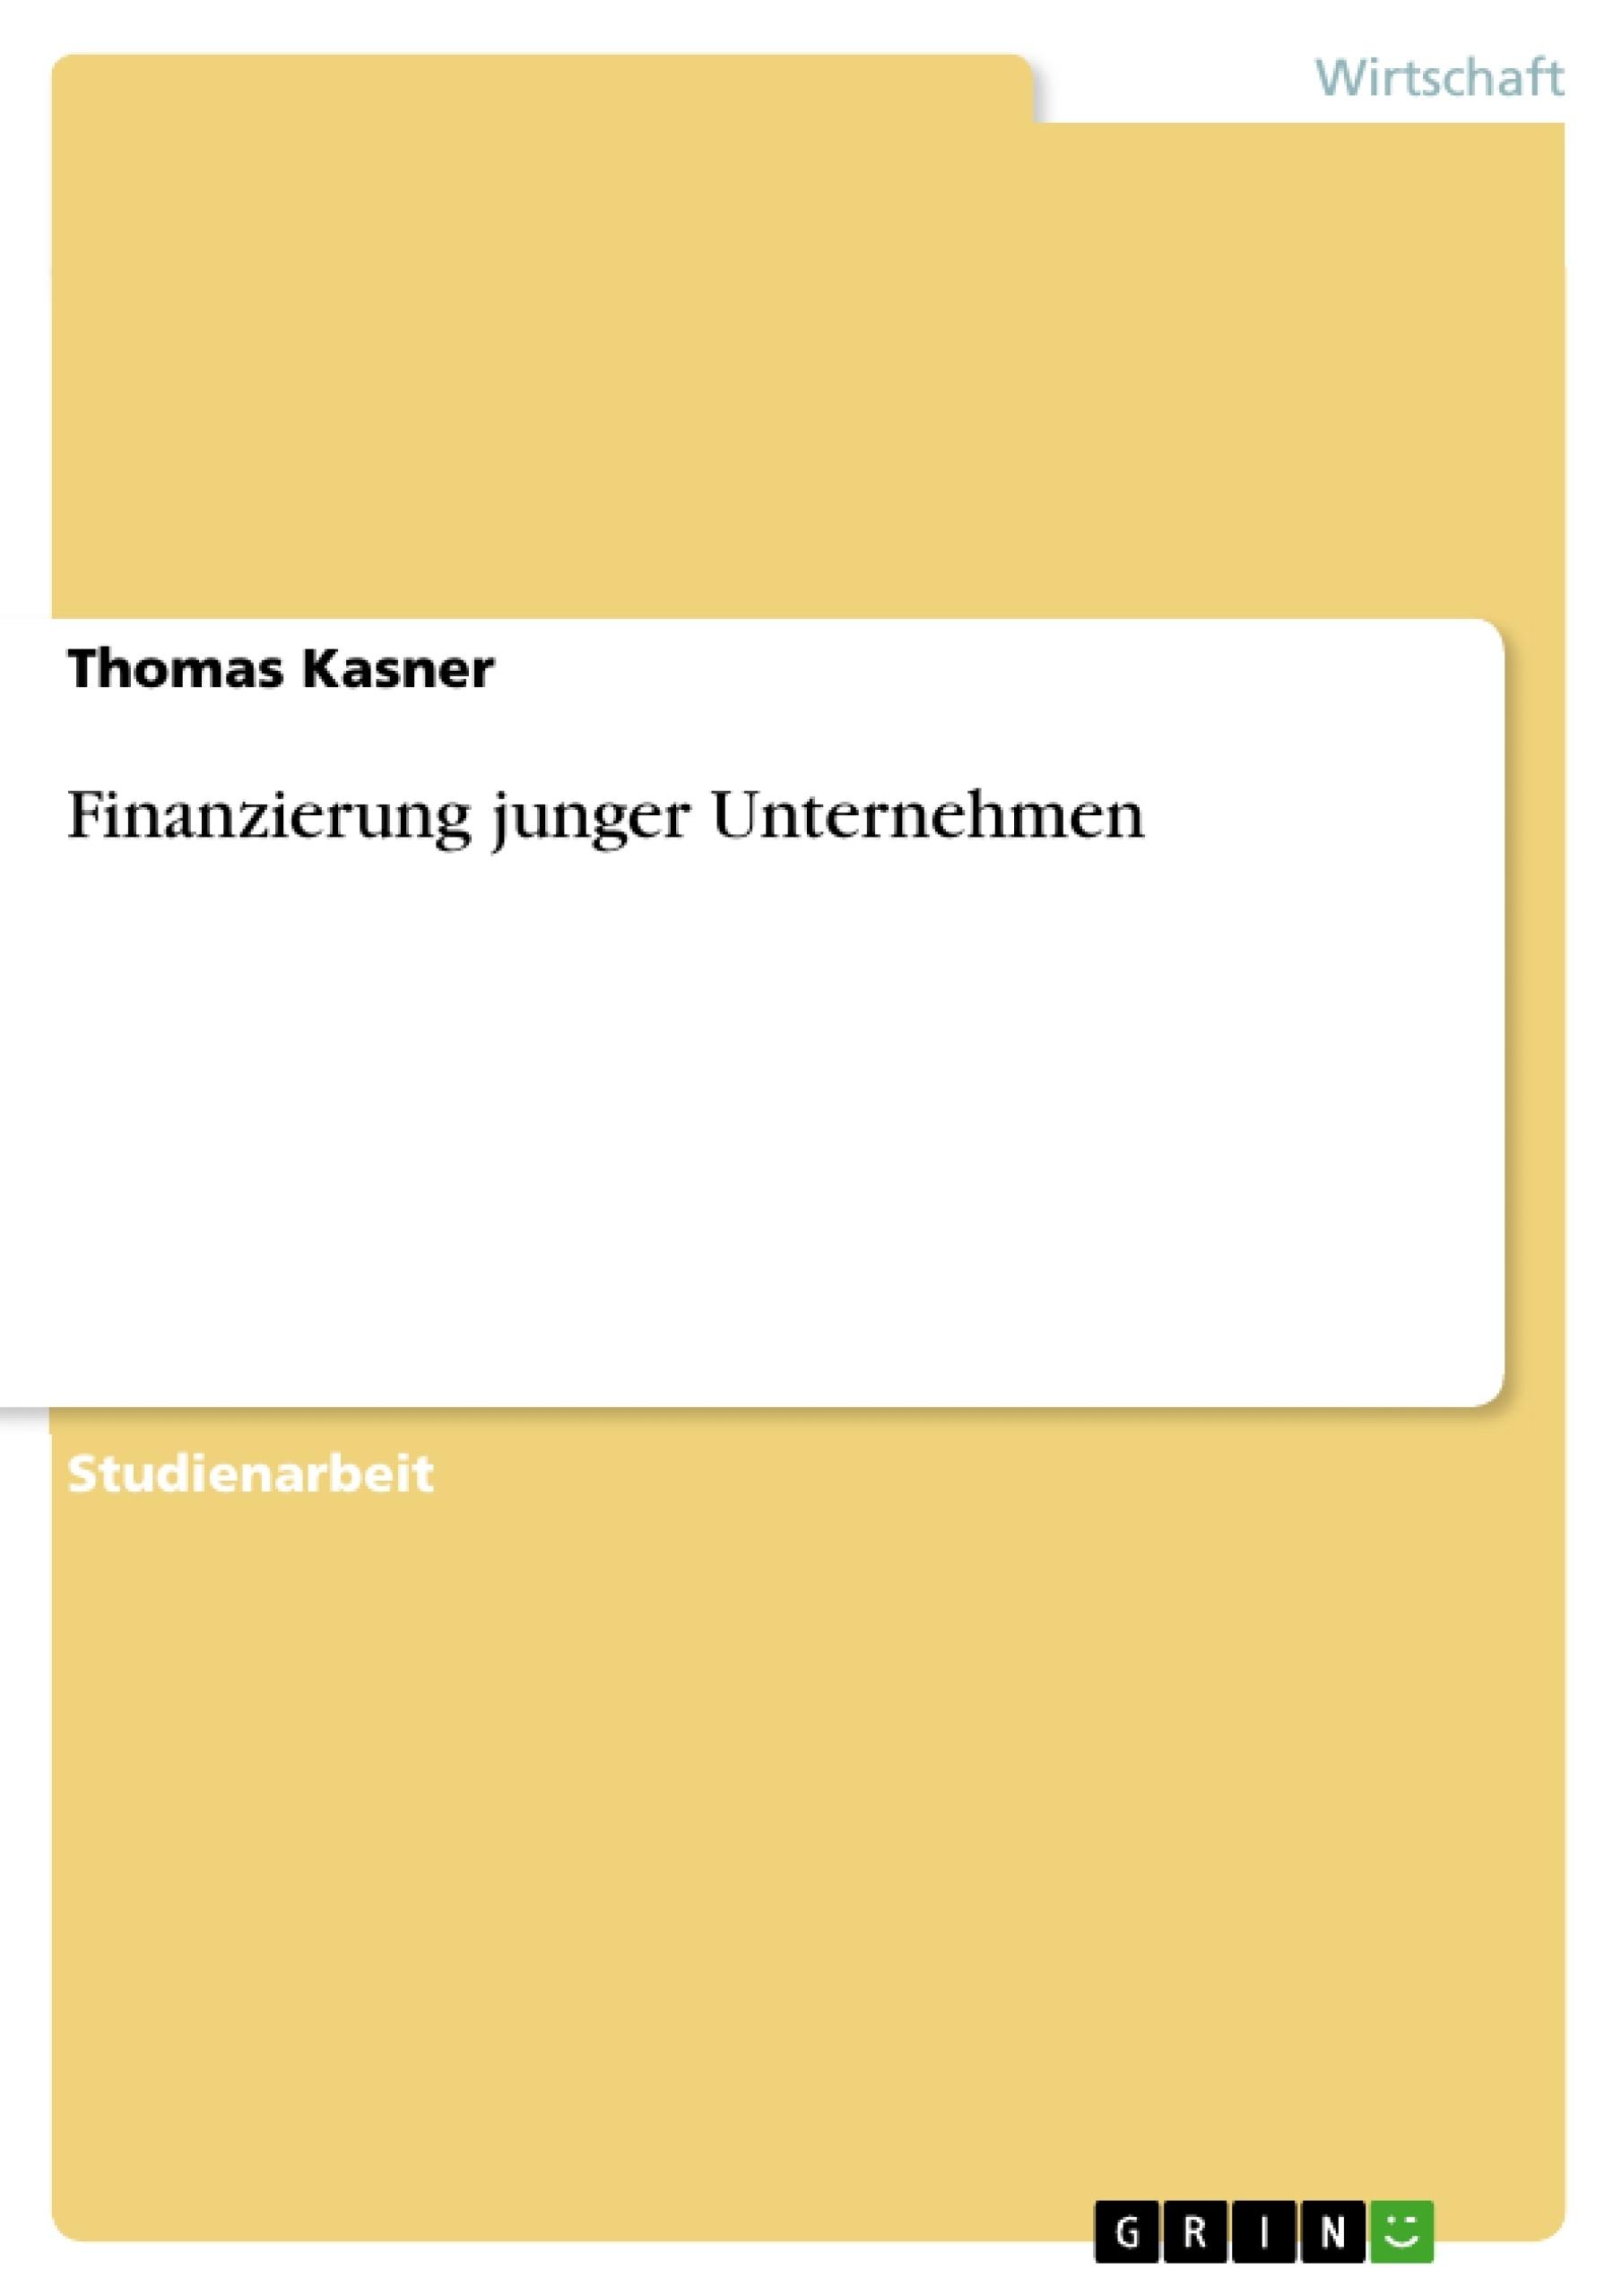 Titel: Finanzierung junger Unternehmen